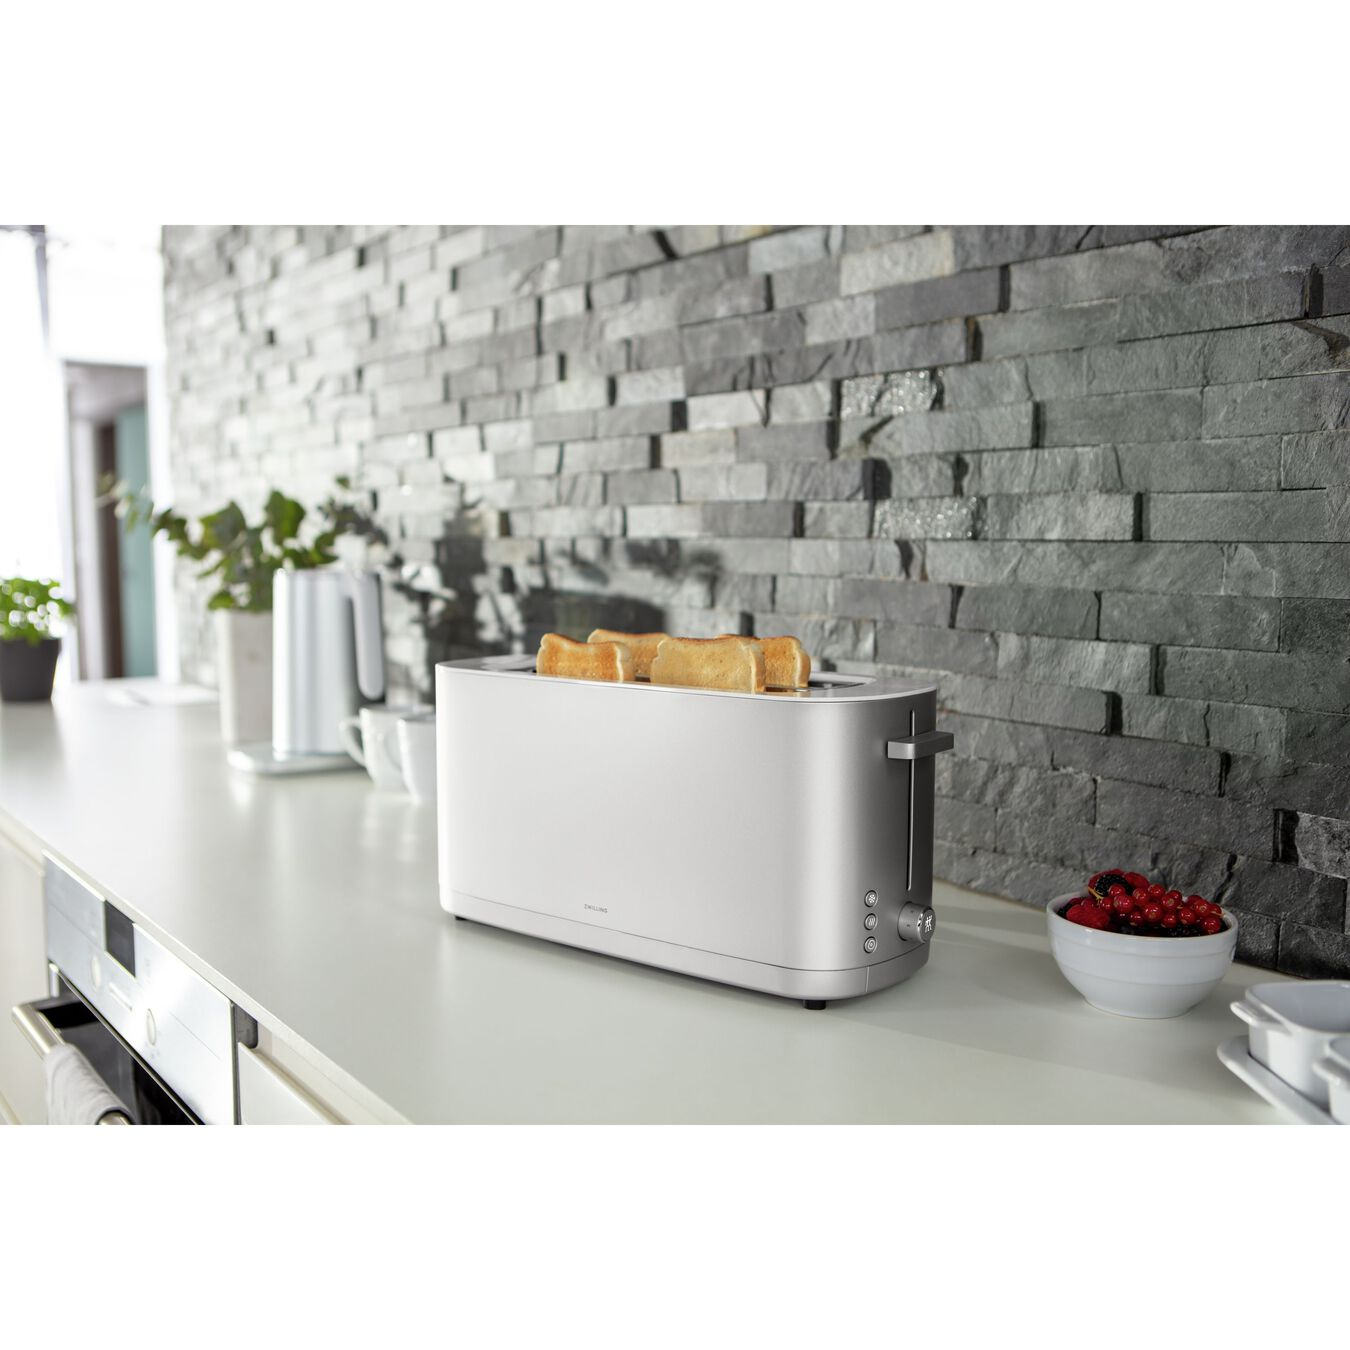 Ekmek Kızartma Makinesi çörek ısıtıcılı | 2 yuva 4 dilim,,large 2